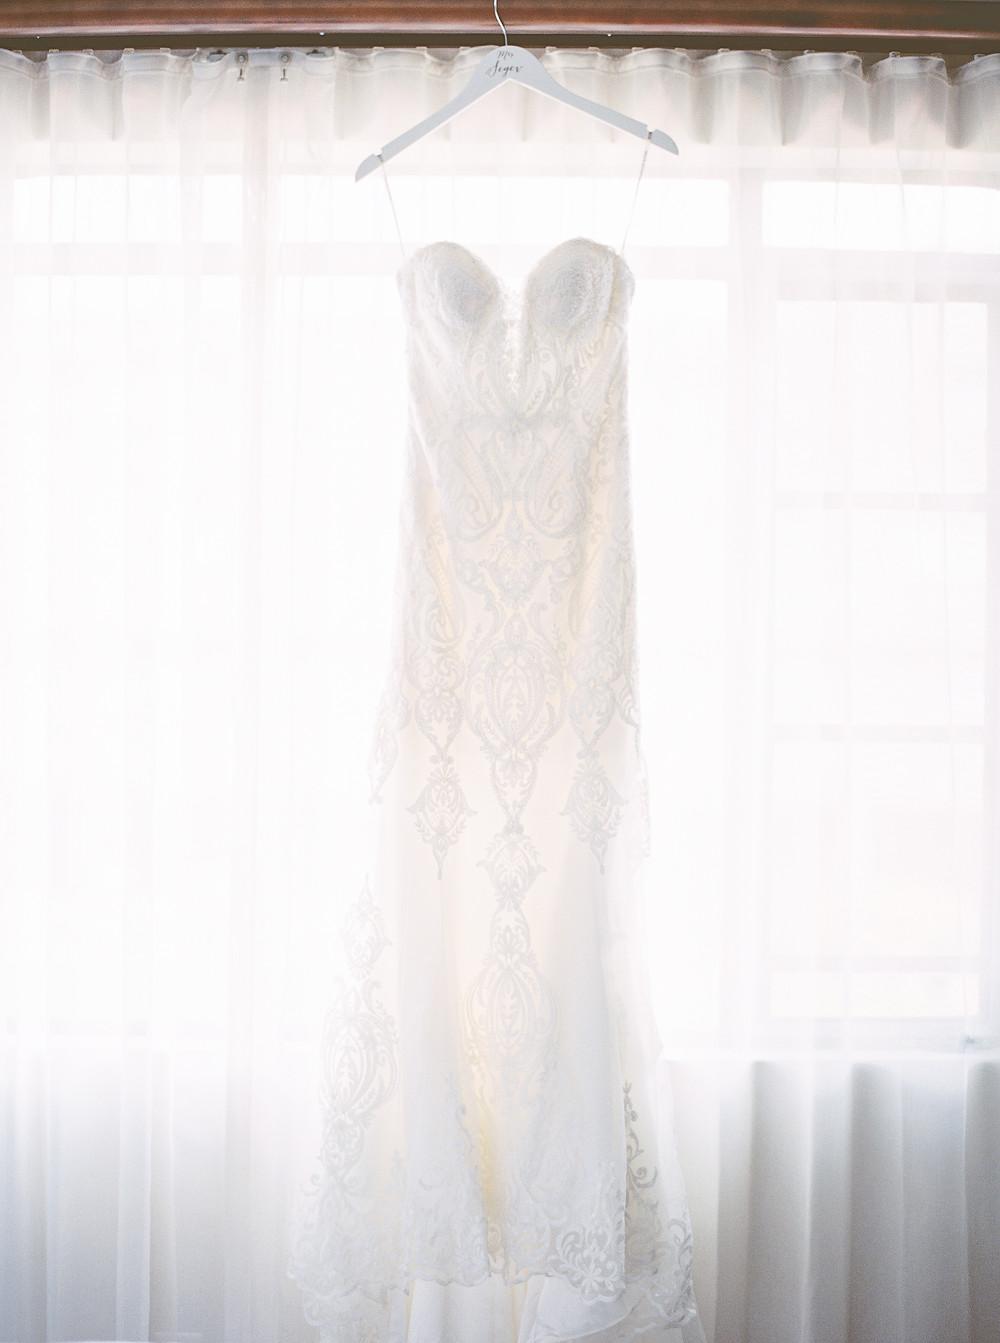 Arizona Biltmore Classic White Wedding, Dress